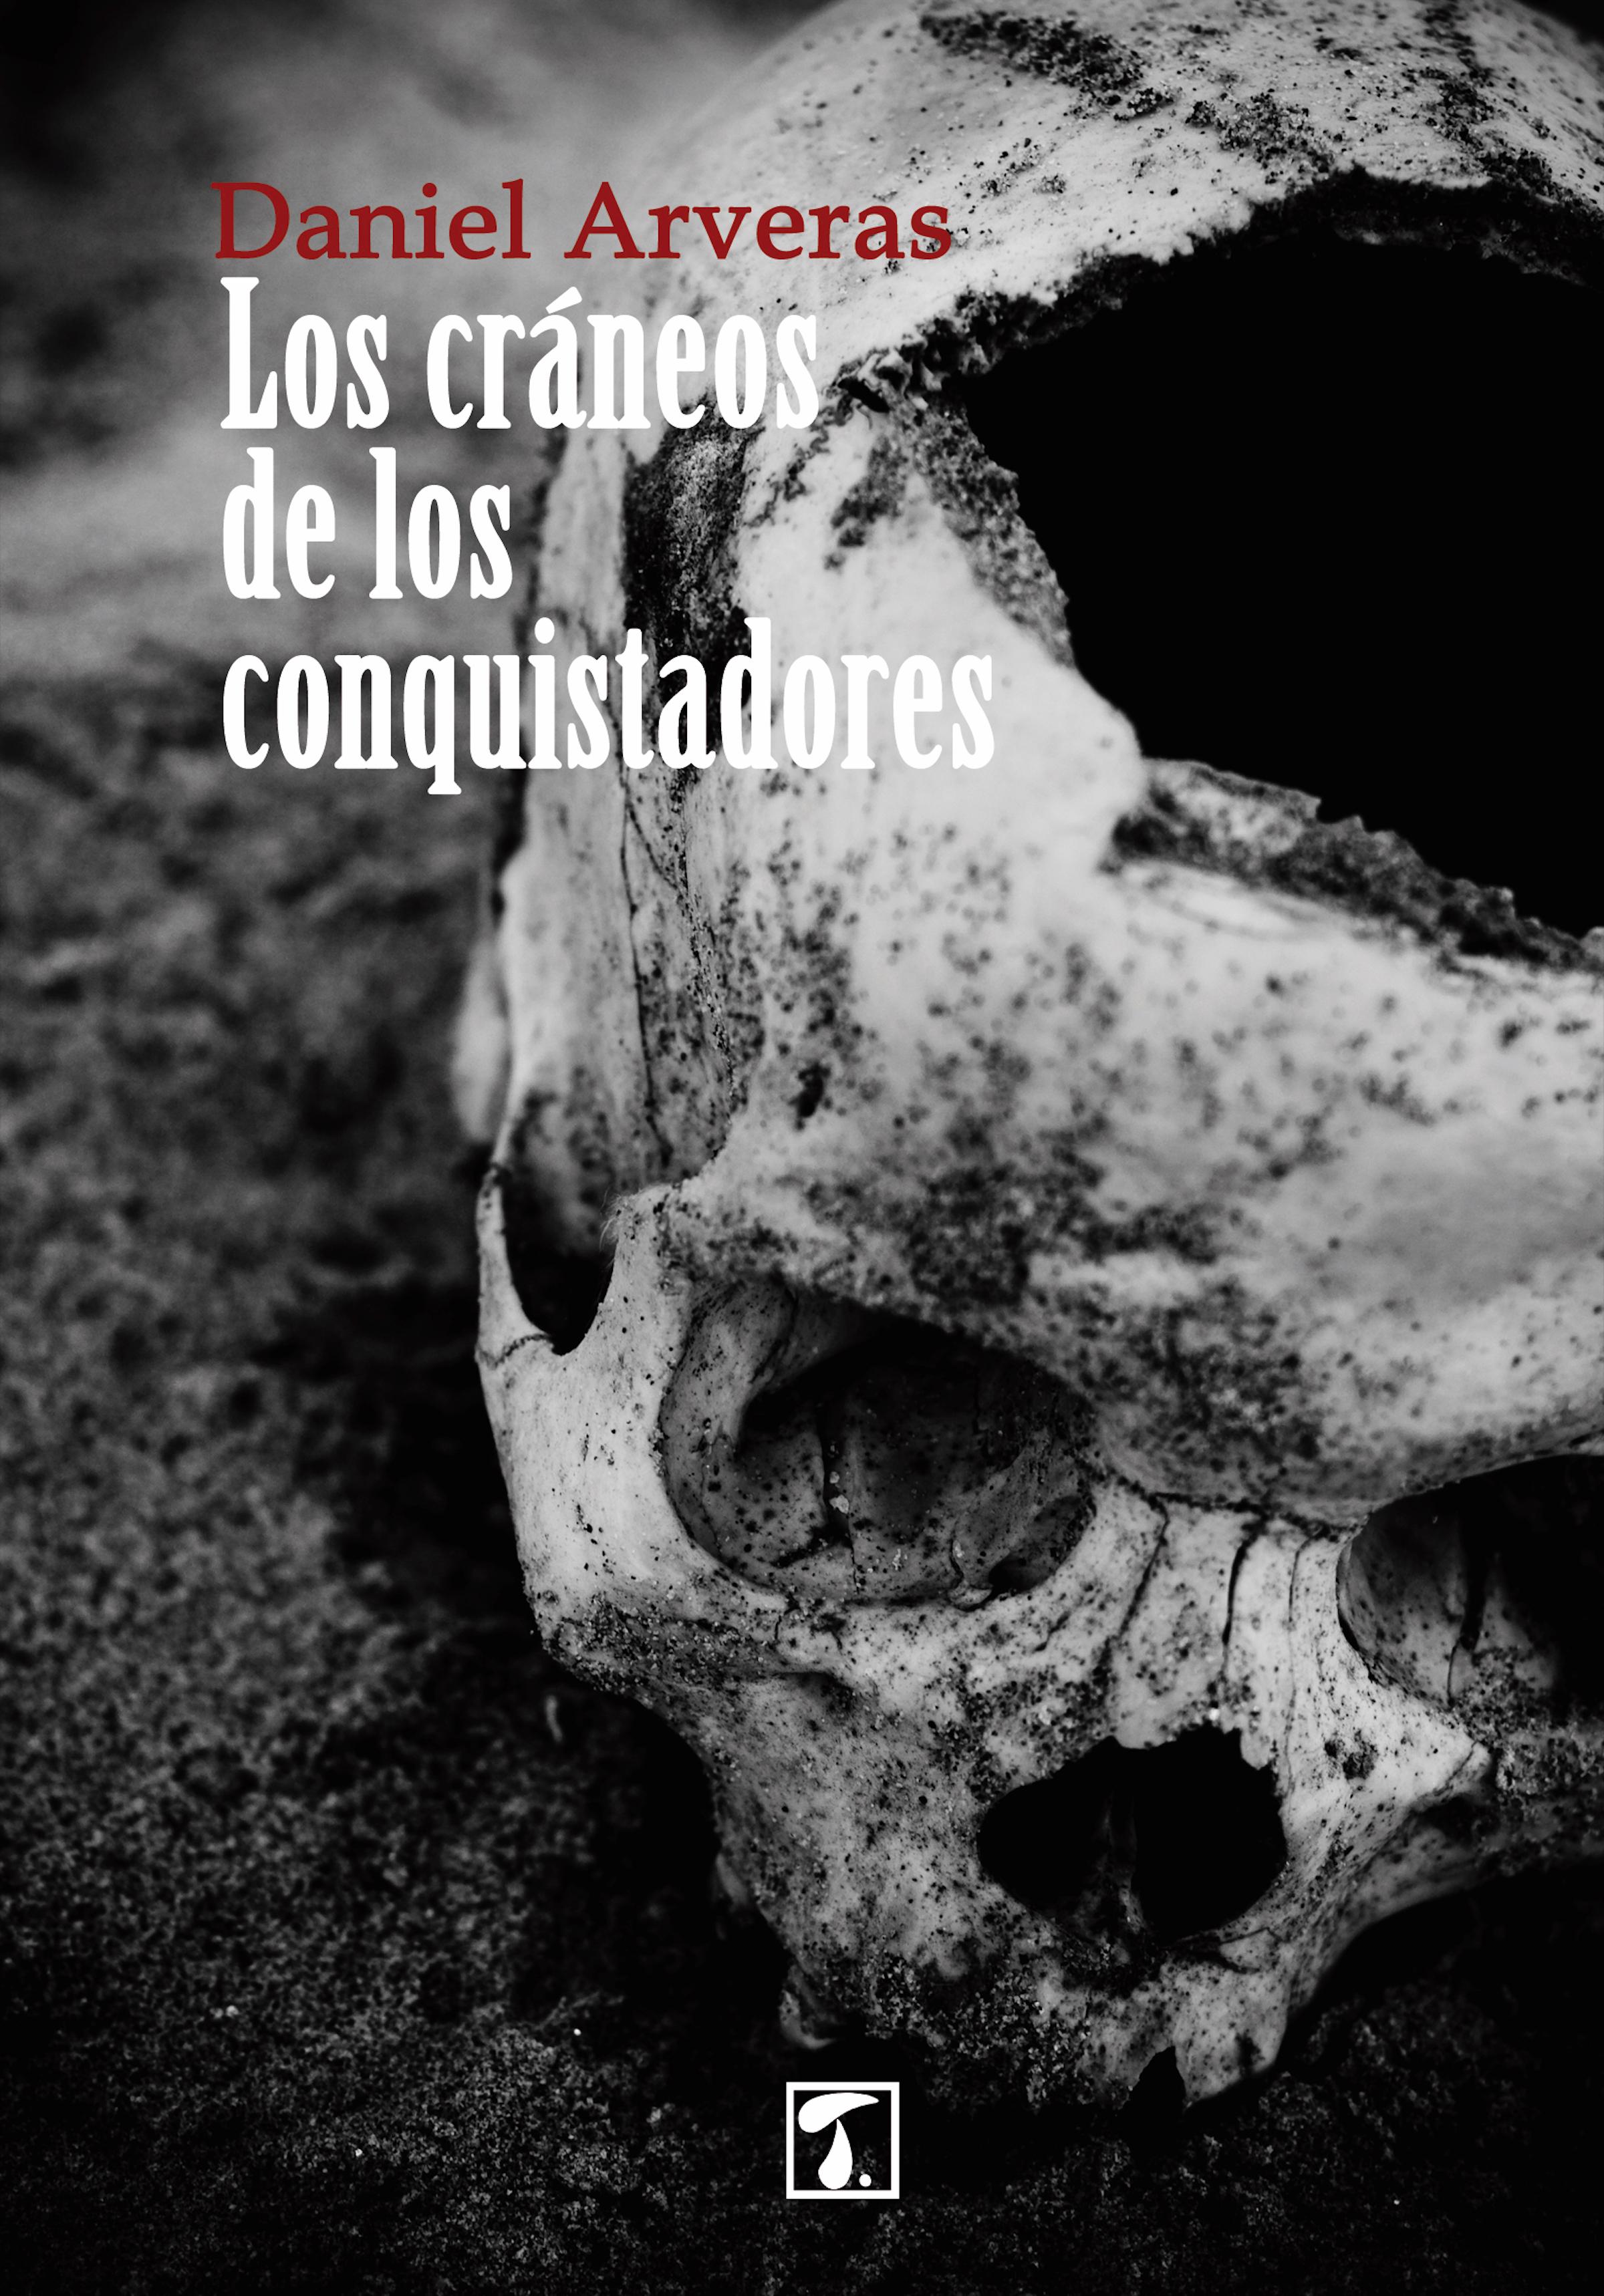 Daniel Arveras Los cráneos de los conquistadores